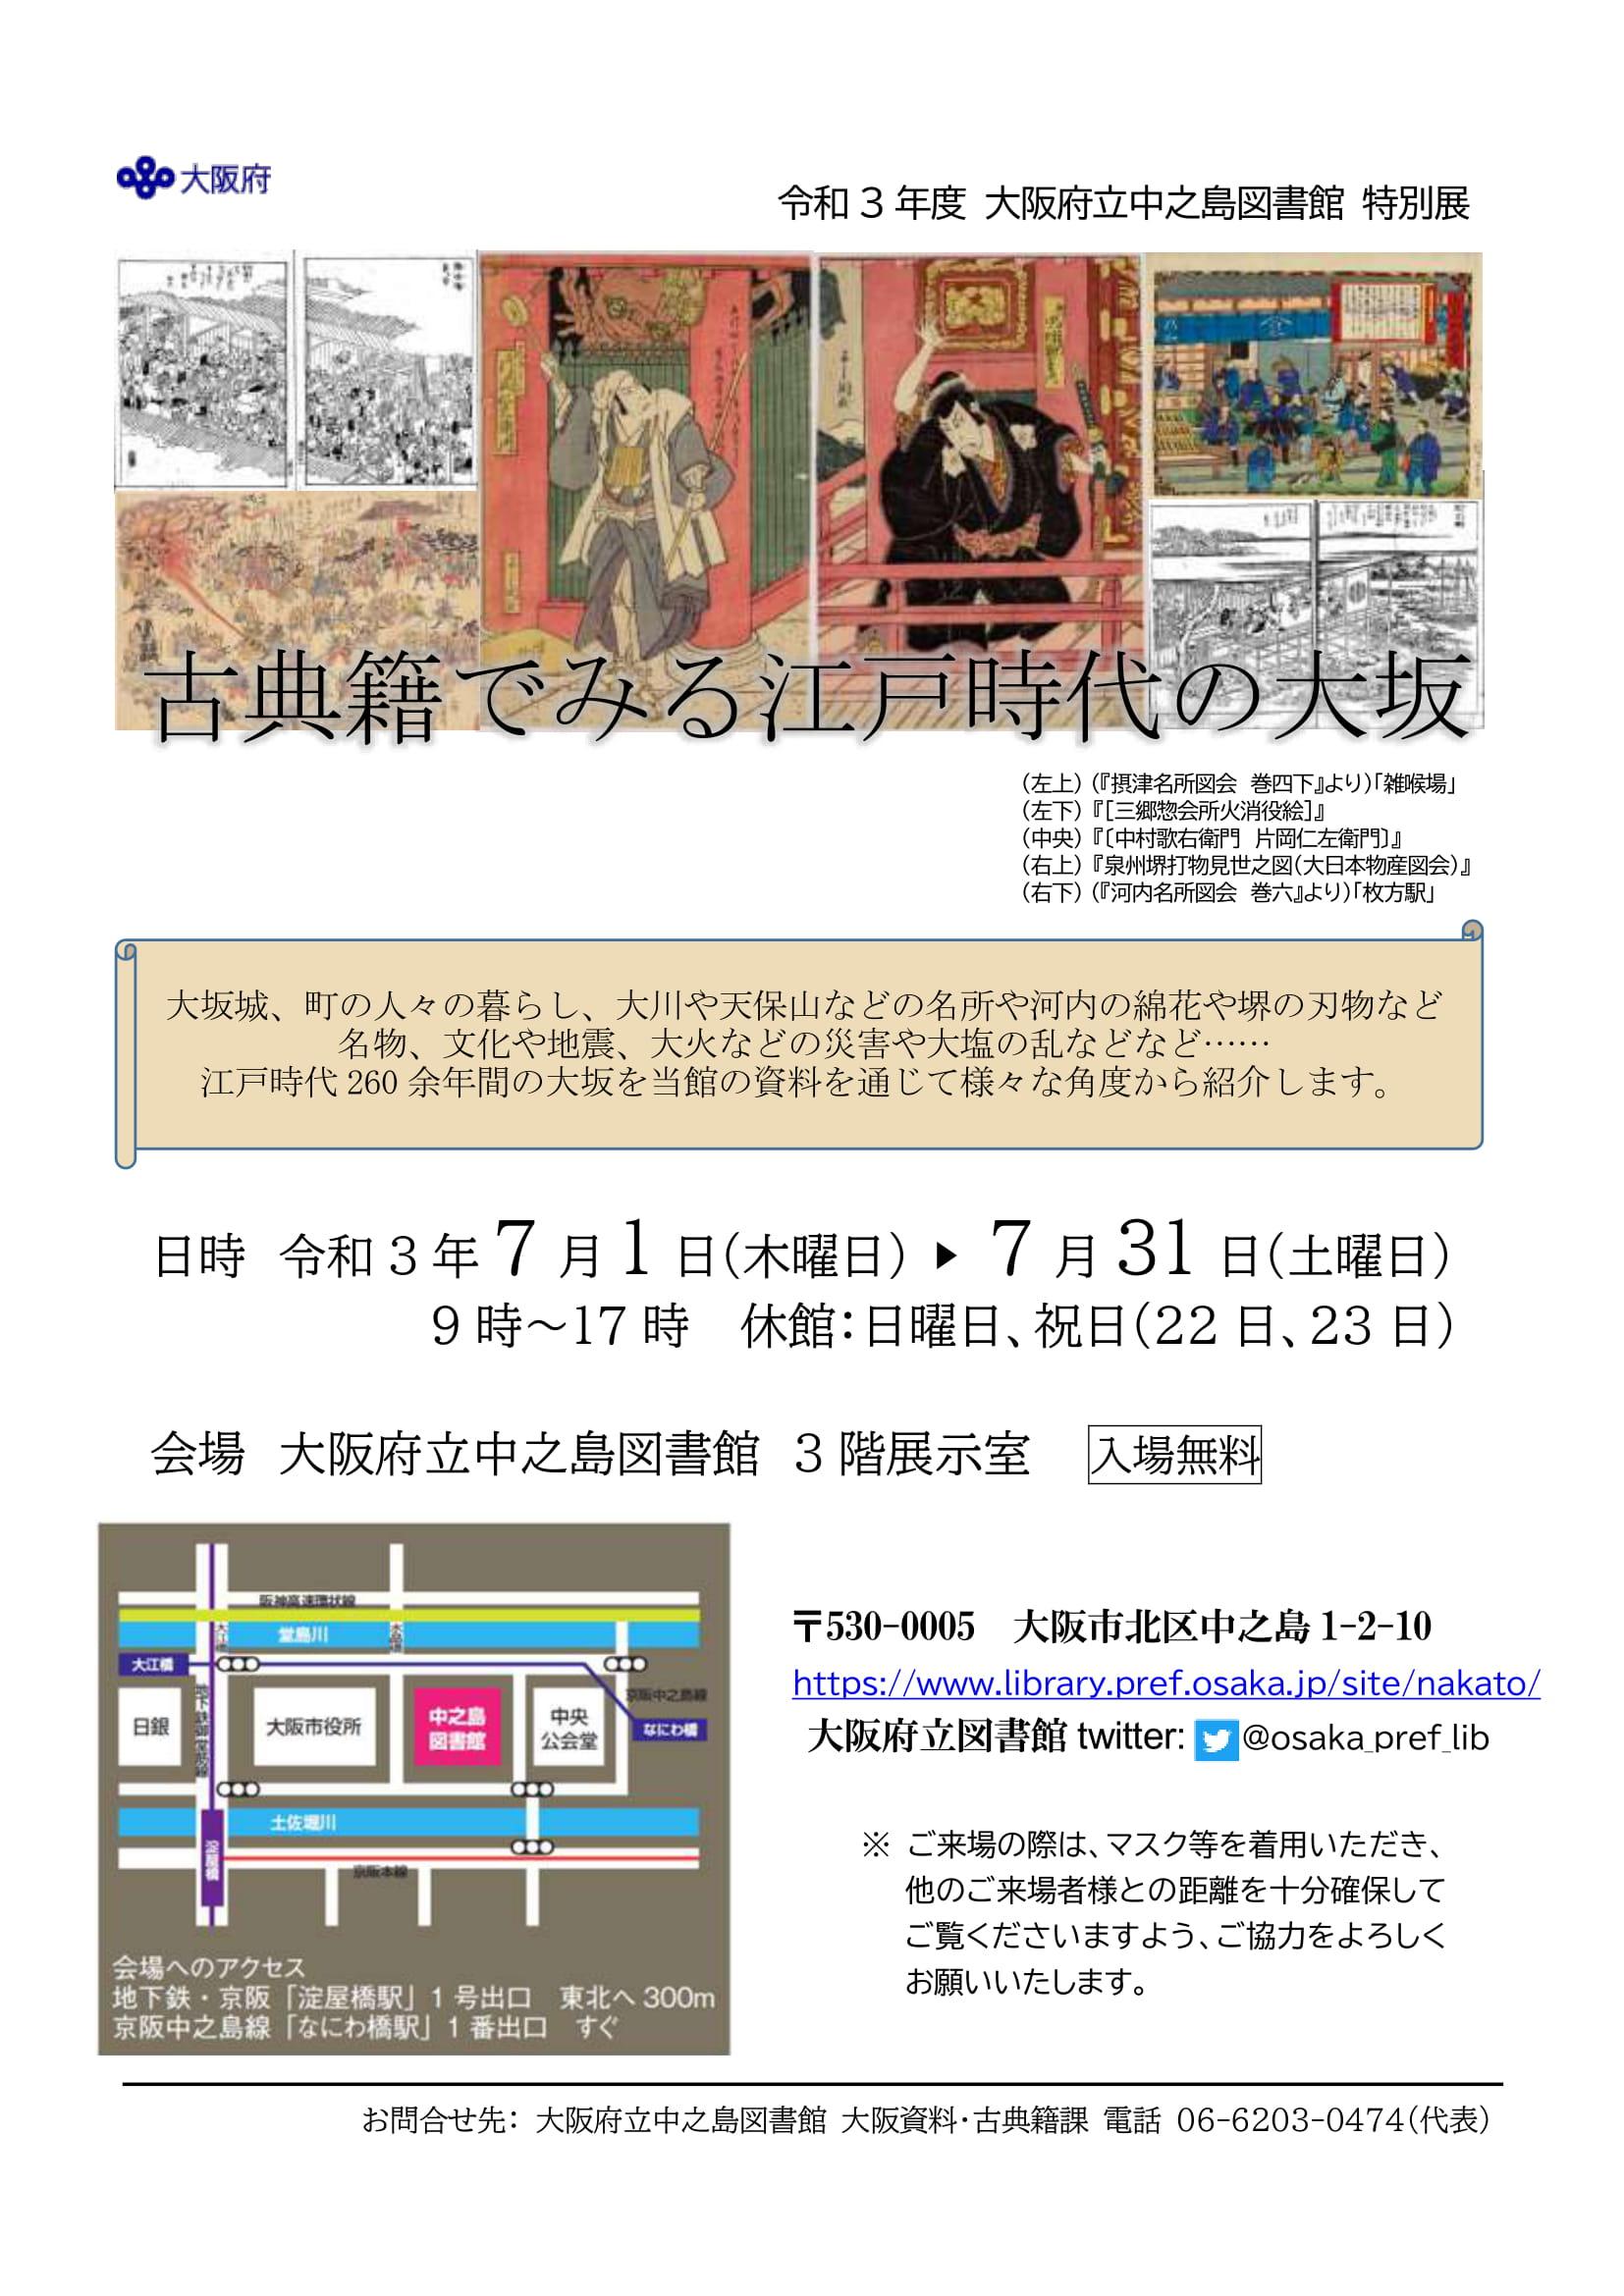 令和3年度特別展「古典籍でみる江戸時代の大坂」